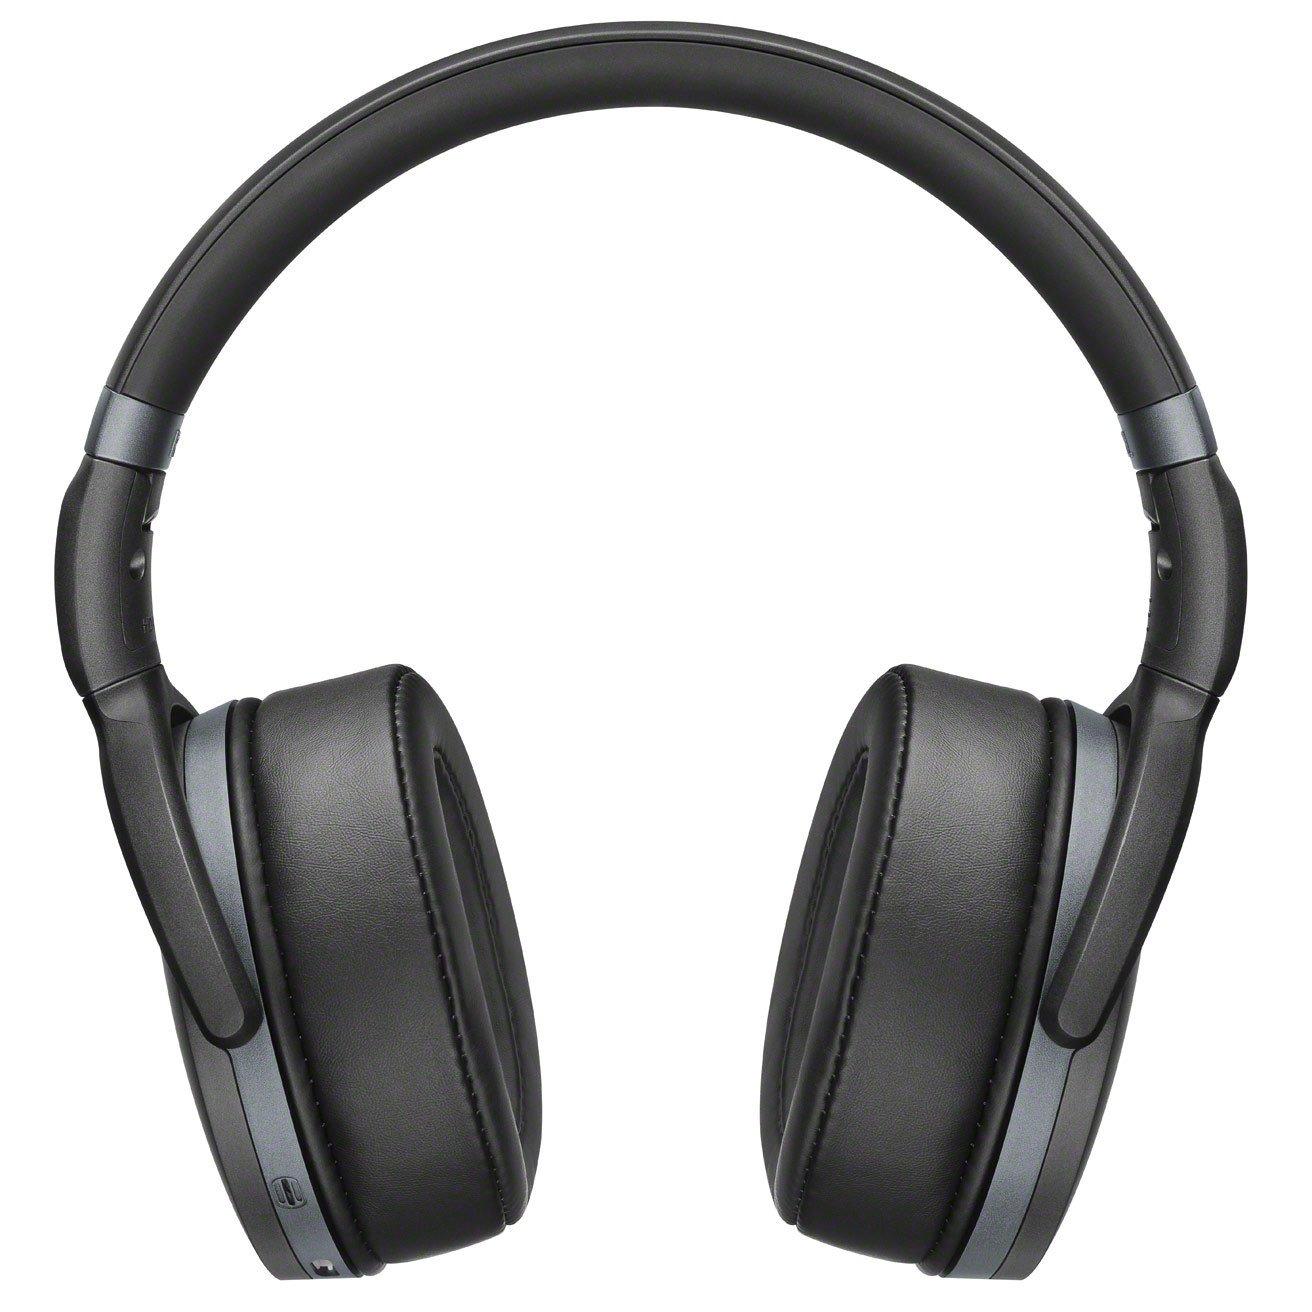 Sennheiser Hd 440 Bt Test Prix Et Fiche Technique Casque Audio